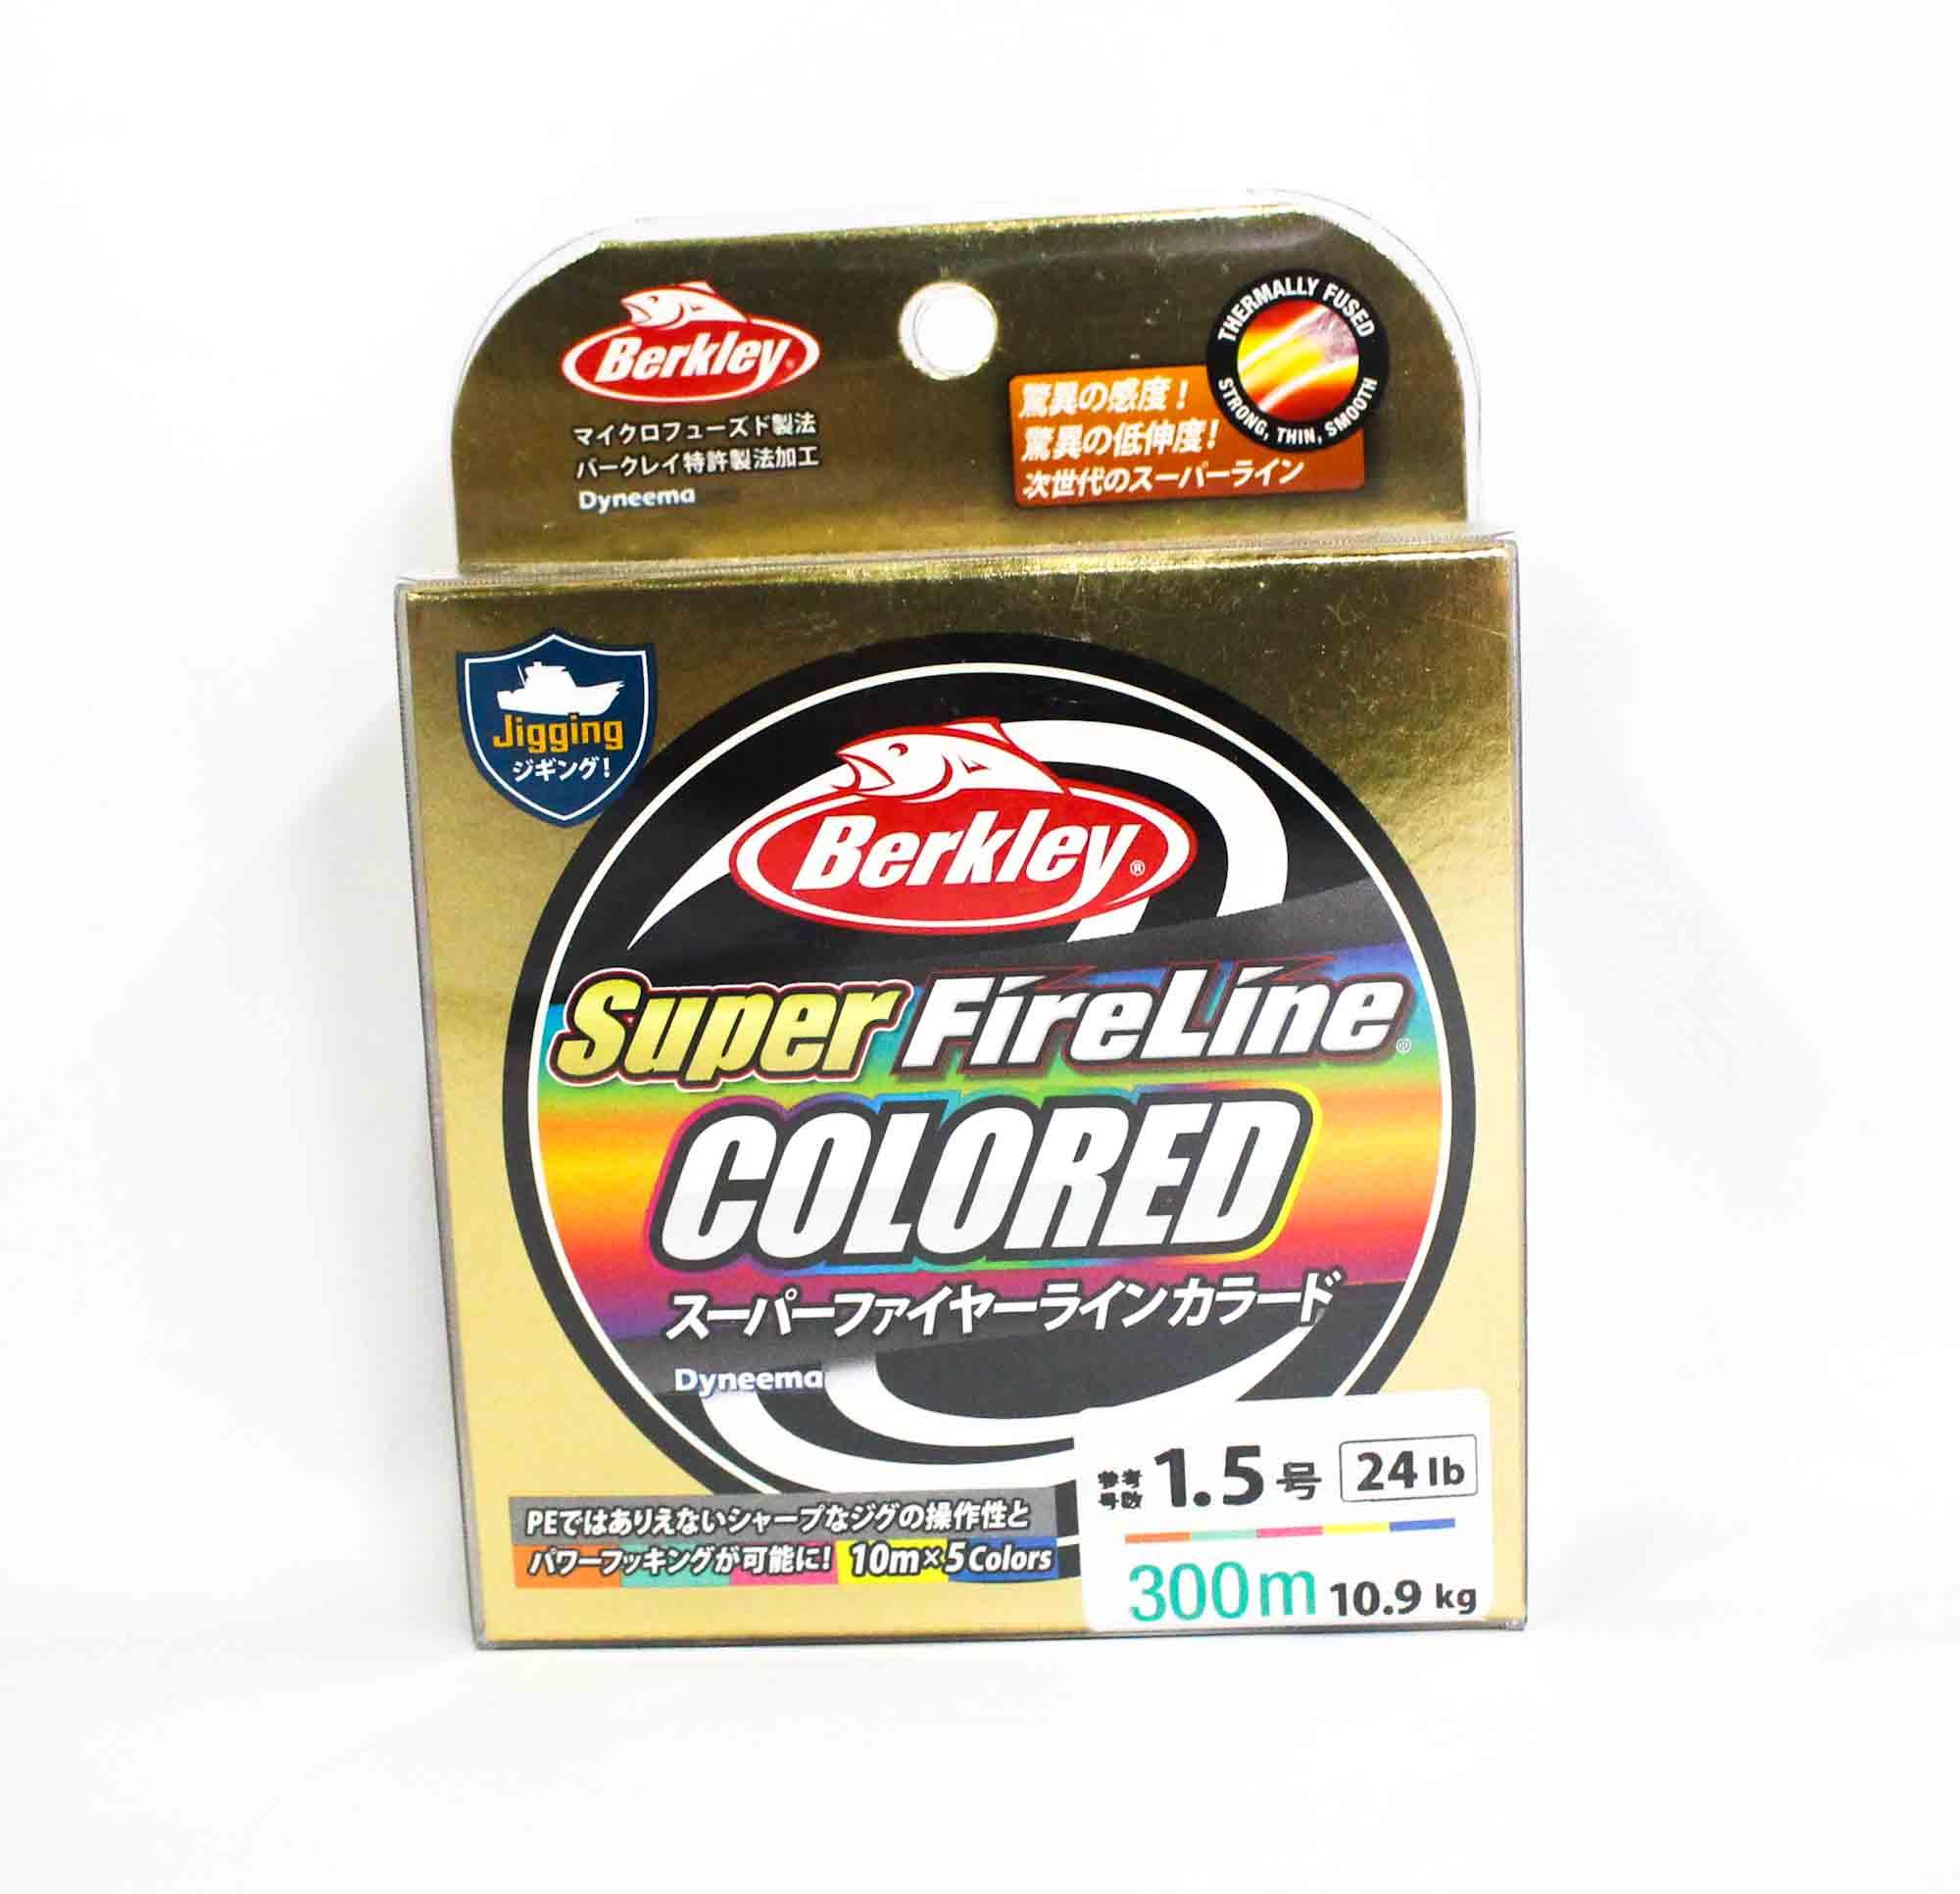 Berkley Super Fireline Colored 300m #1.5 24lb (8406)